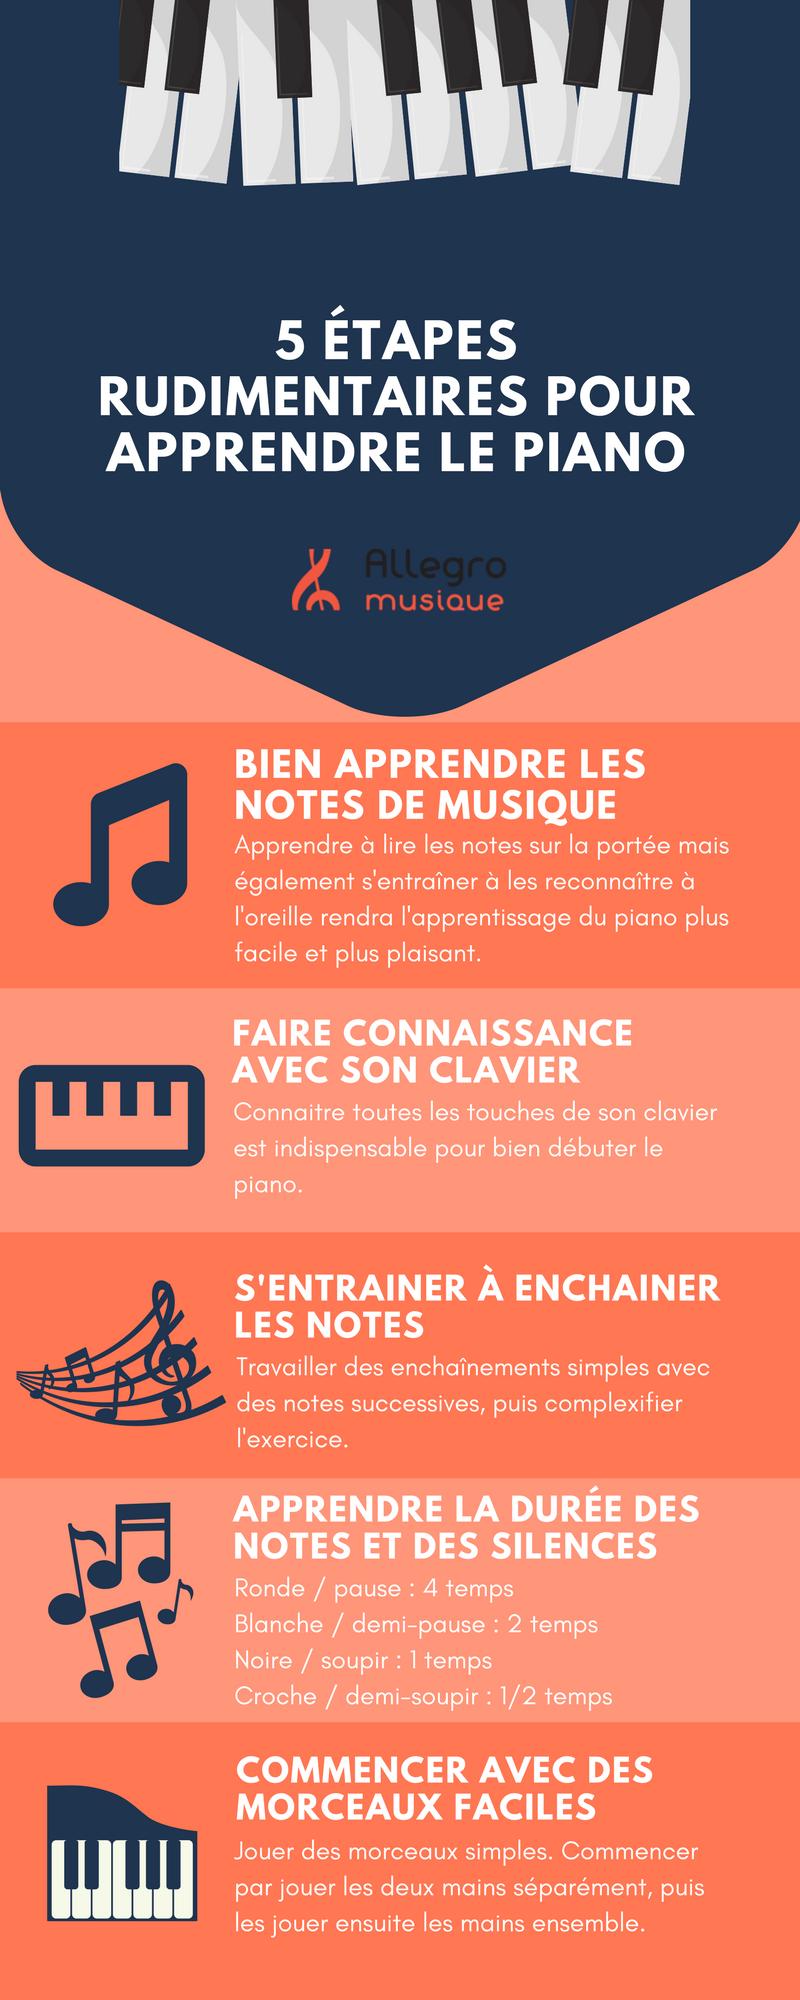 5 étapes rudimentaires pour apprendre le piano